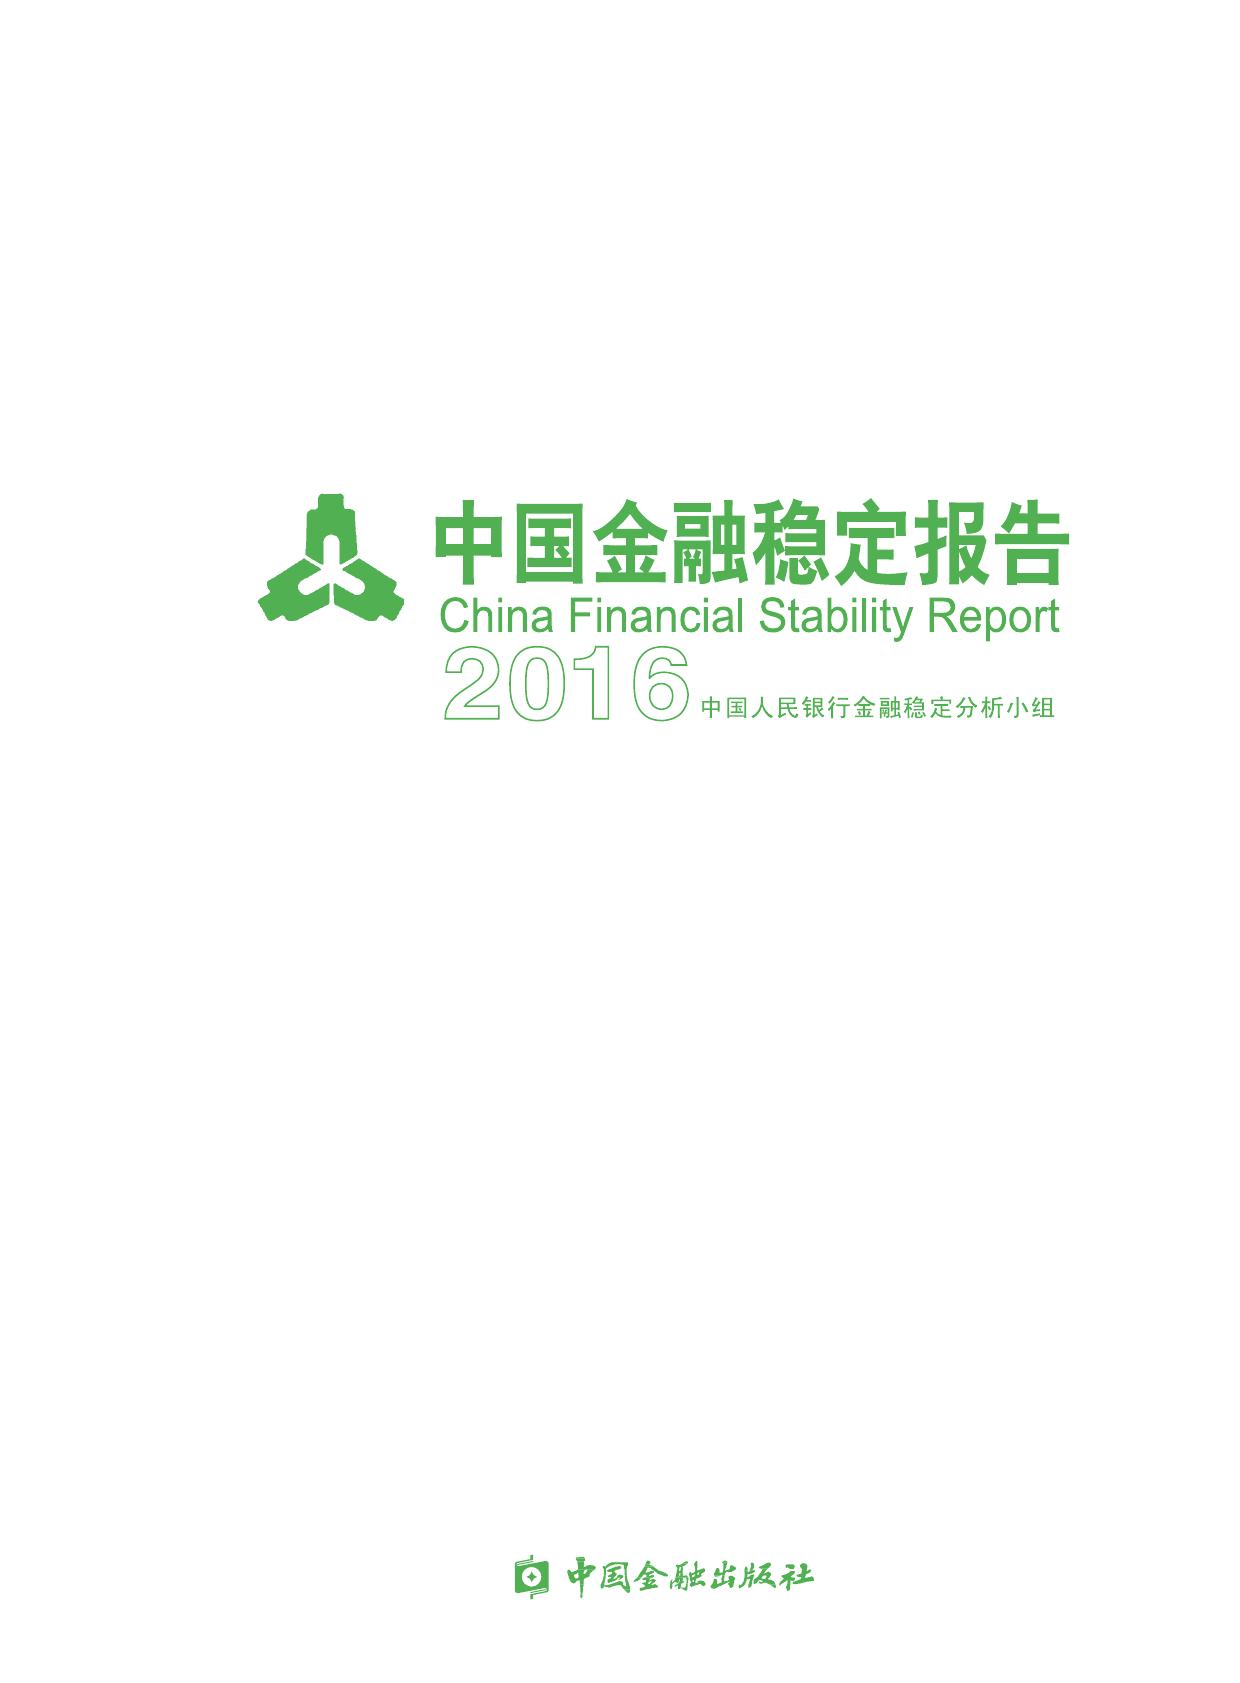 2016年中国金融稳定报告_000001